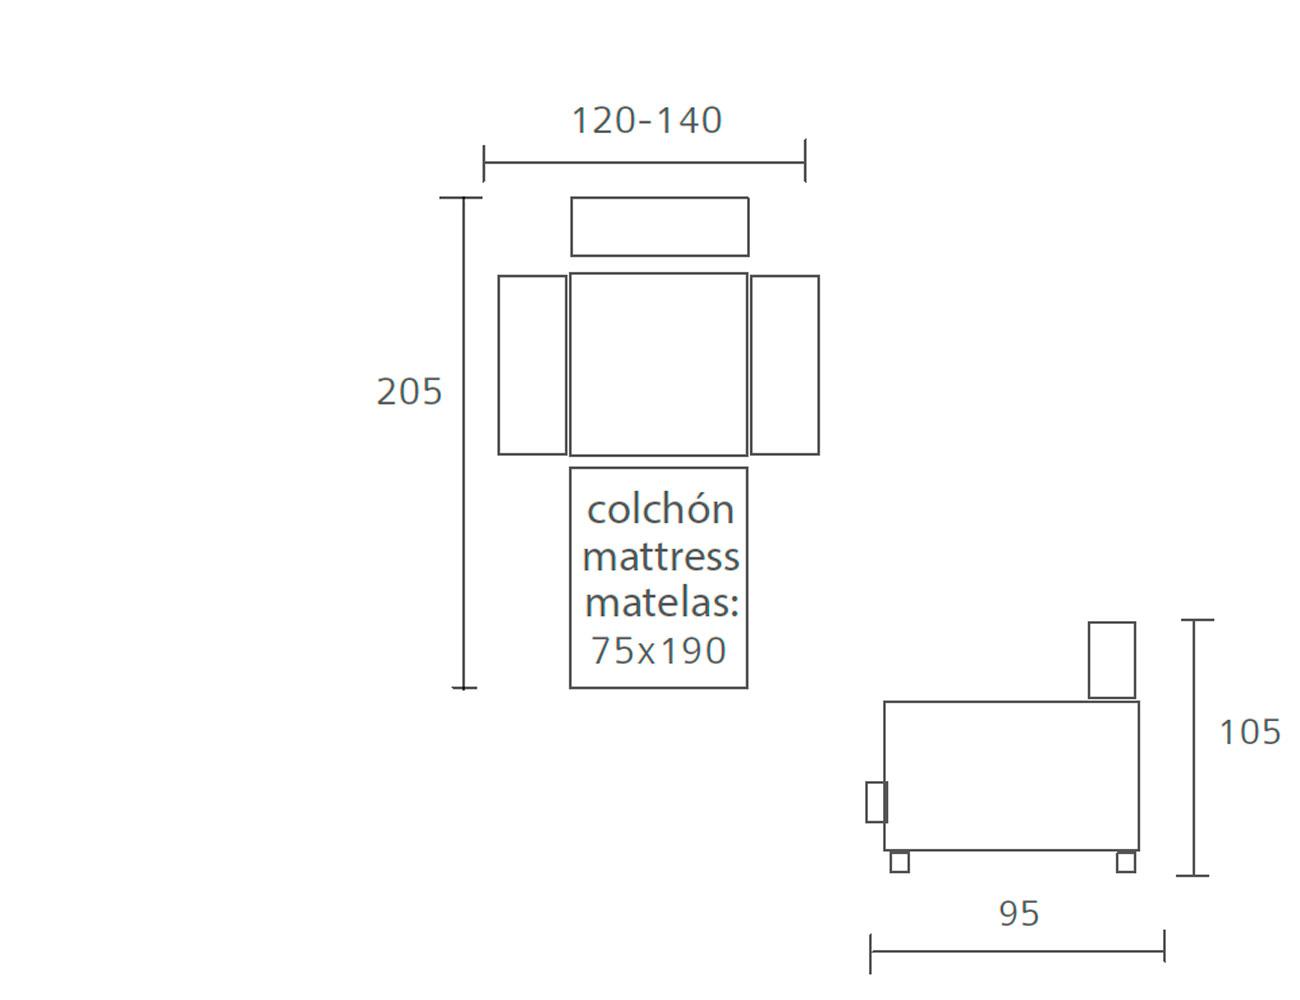 Sofa cama pedro ortiz 120 1403